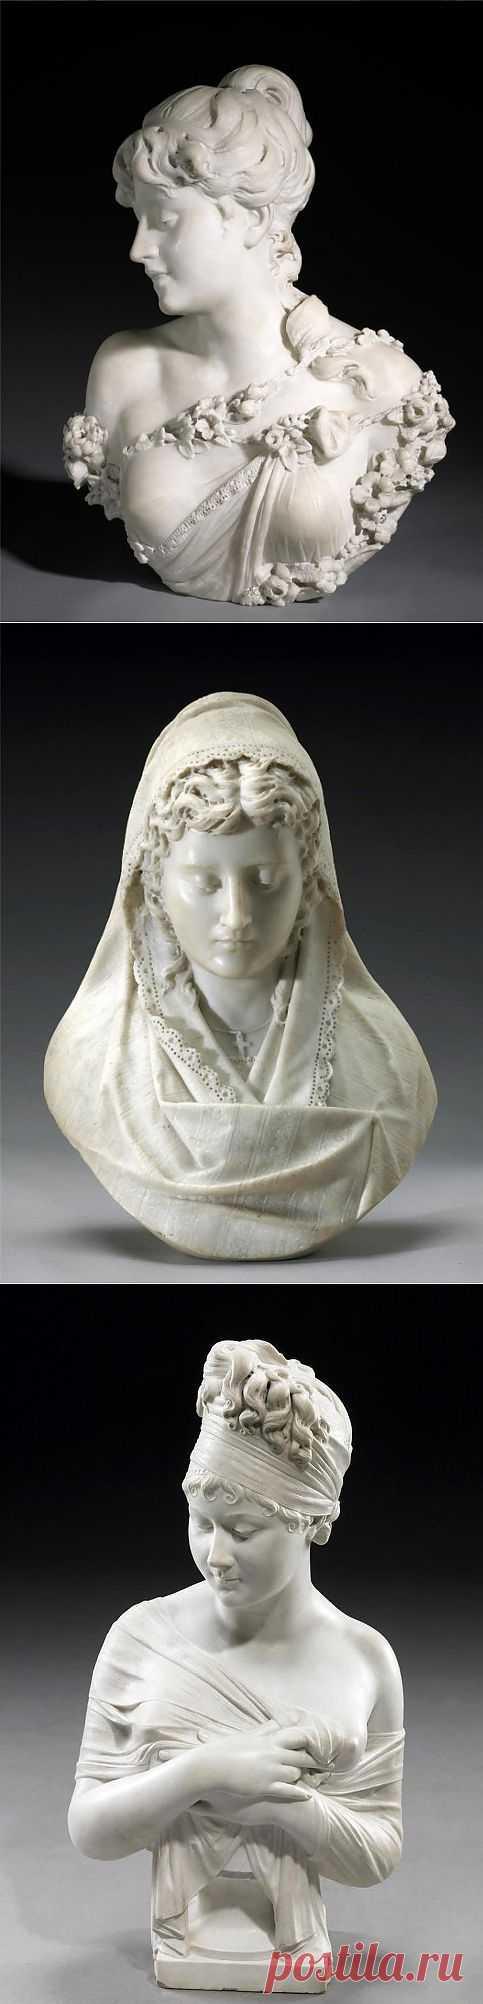 (+1) - Женская красота в мраморе...   Искусство